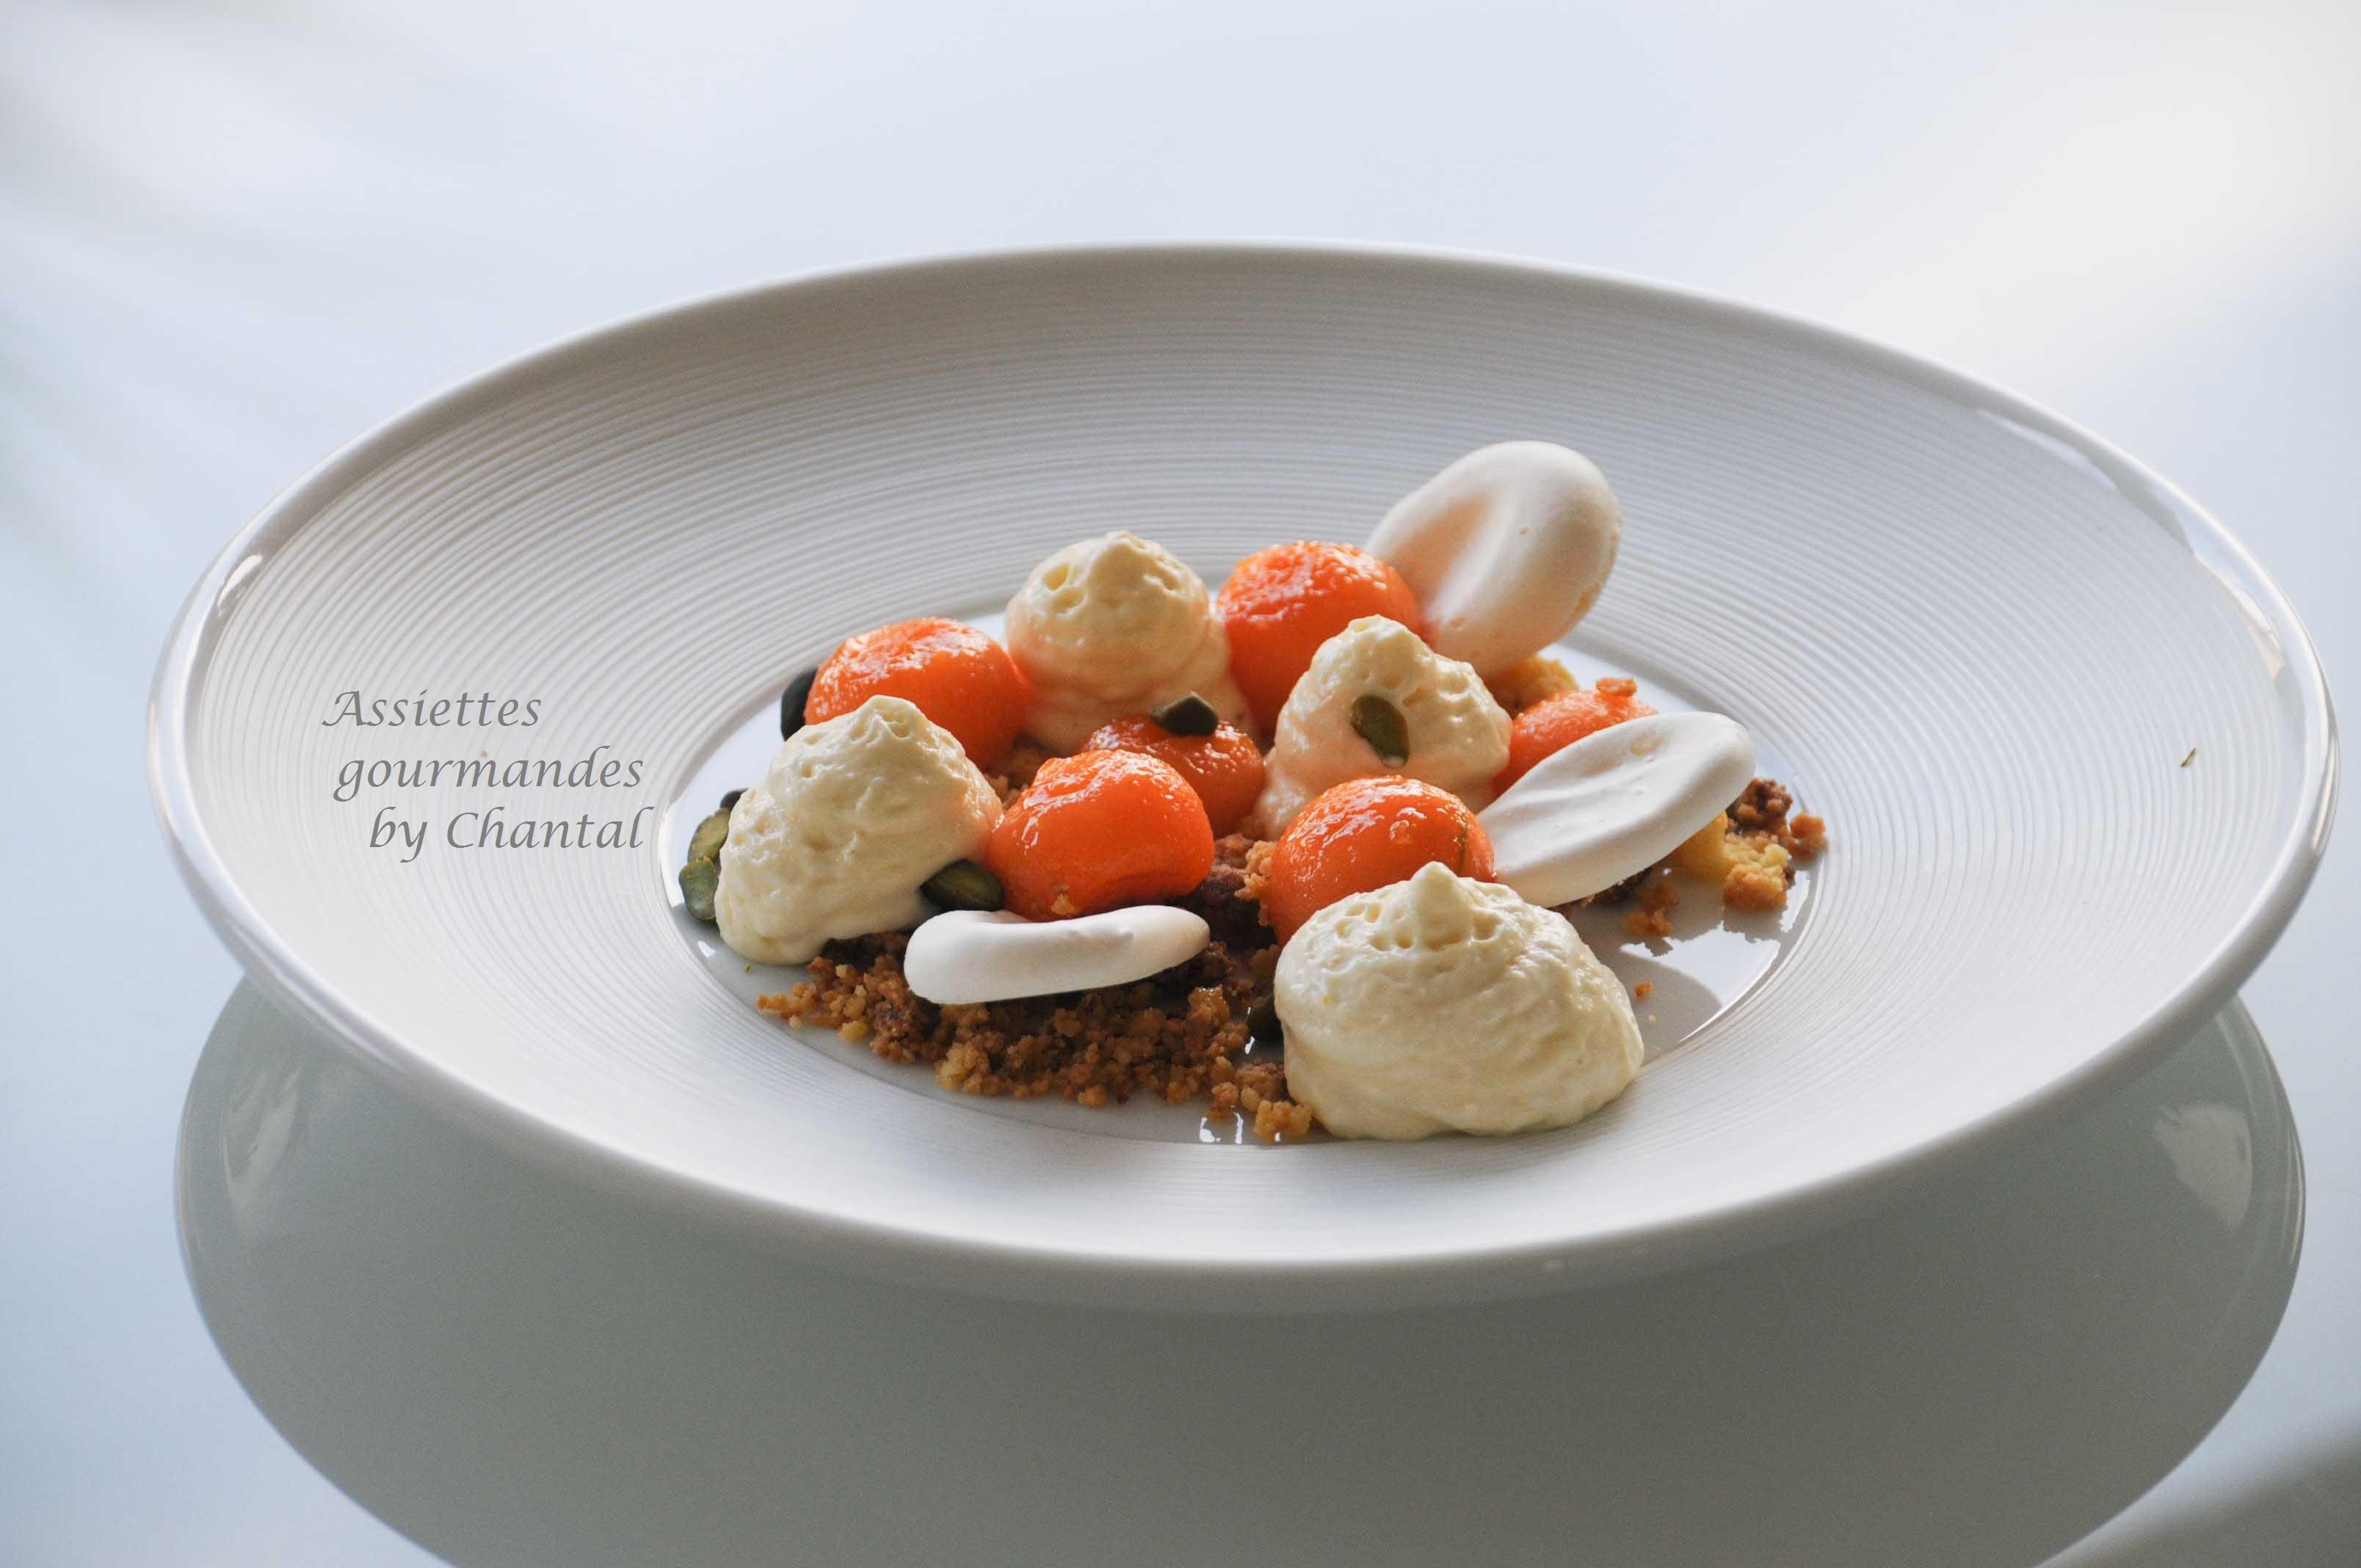 Melon, espuma amande, meringues - Recette de melon